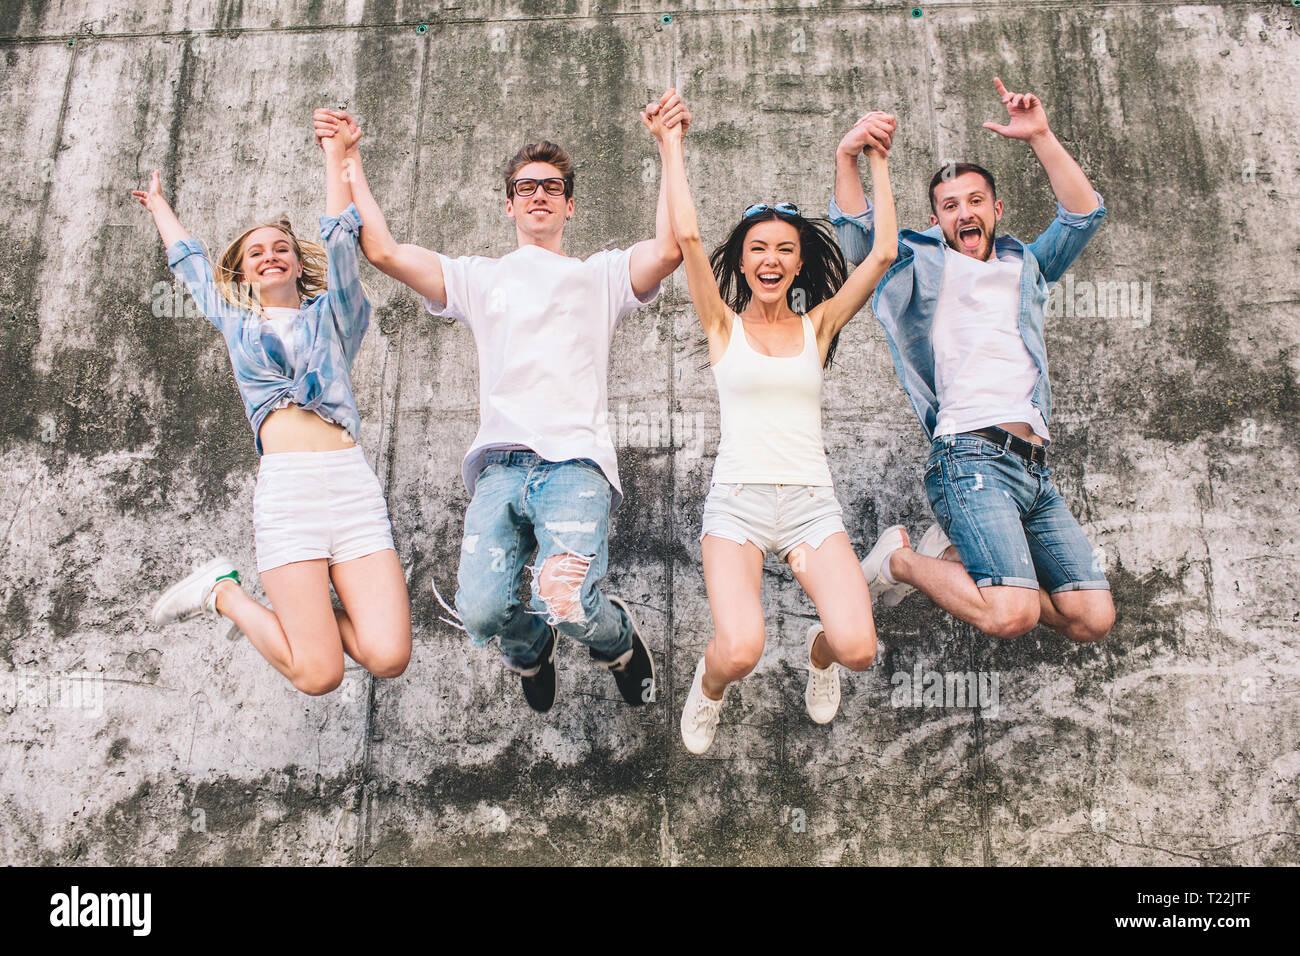 Impresionante y gente agradable están saltando en el aire. Están manteniendo sus manos en el aire. Empresa es en el fondo gris. Son positiv Imagen De Stock